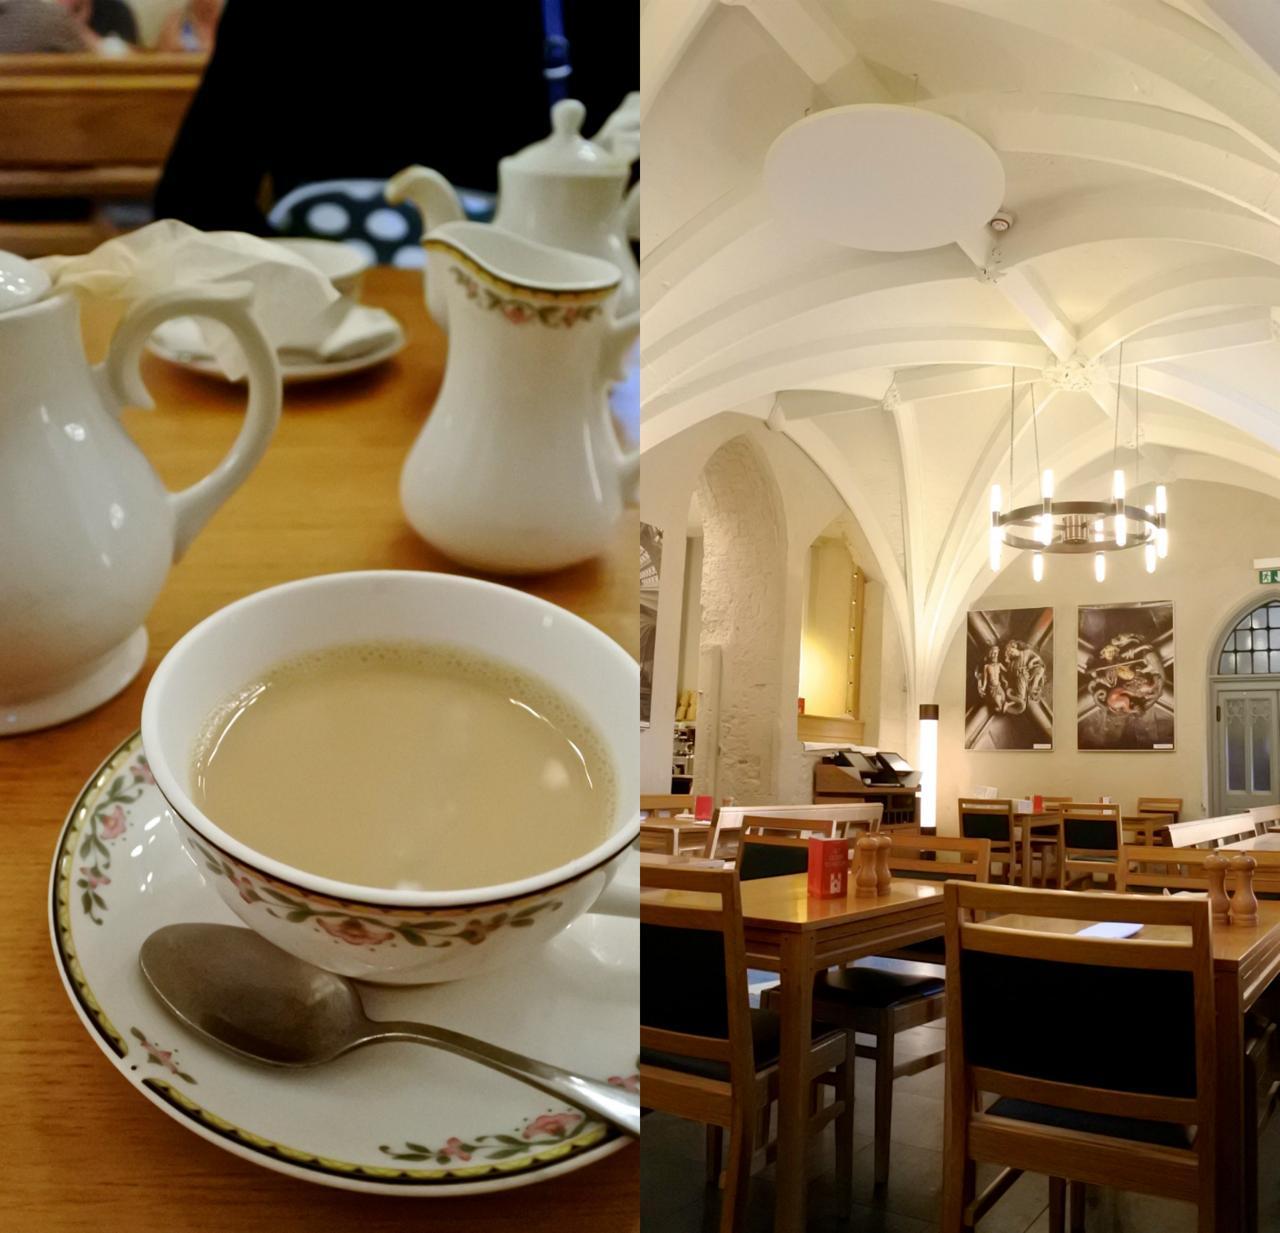 美しい繊細な曲線を描く天井が見もの。壁には数々のキリスト教関連のアートが。